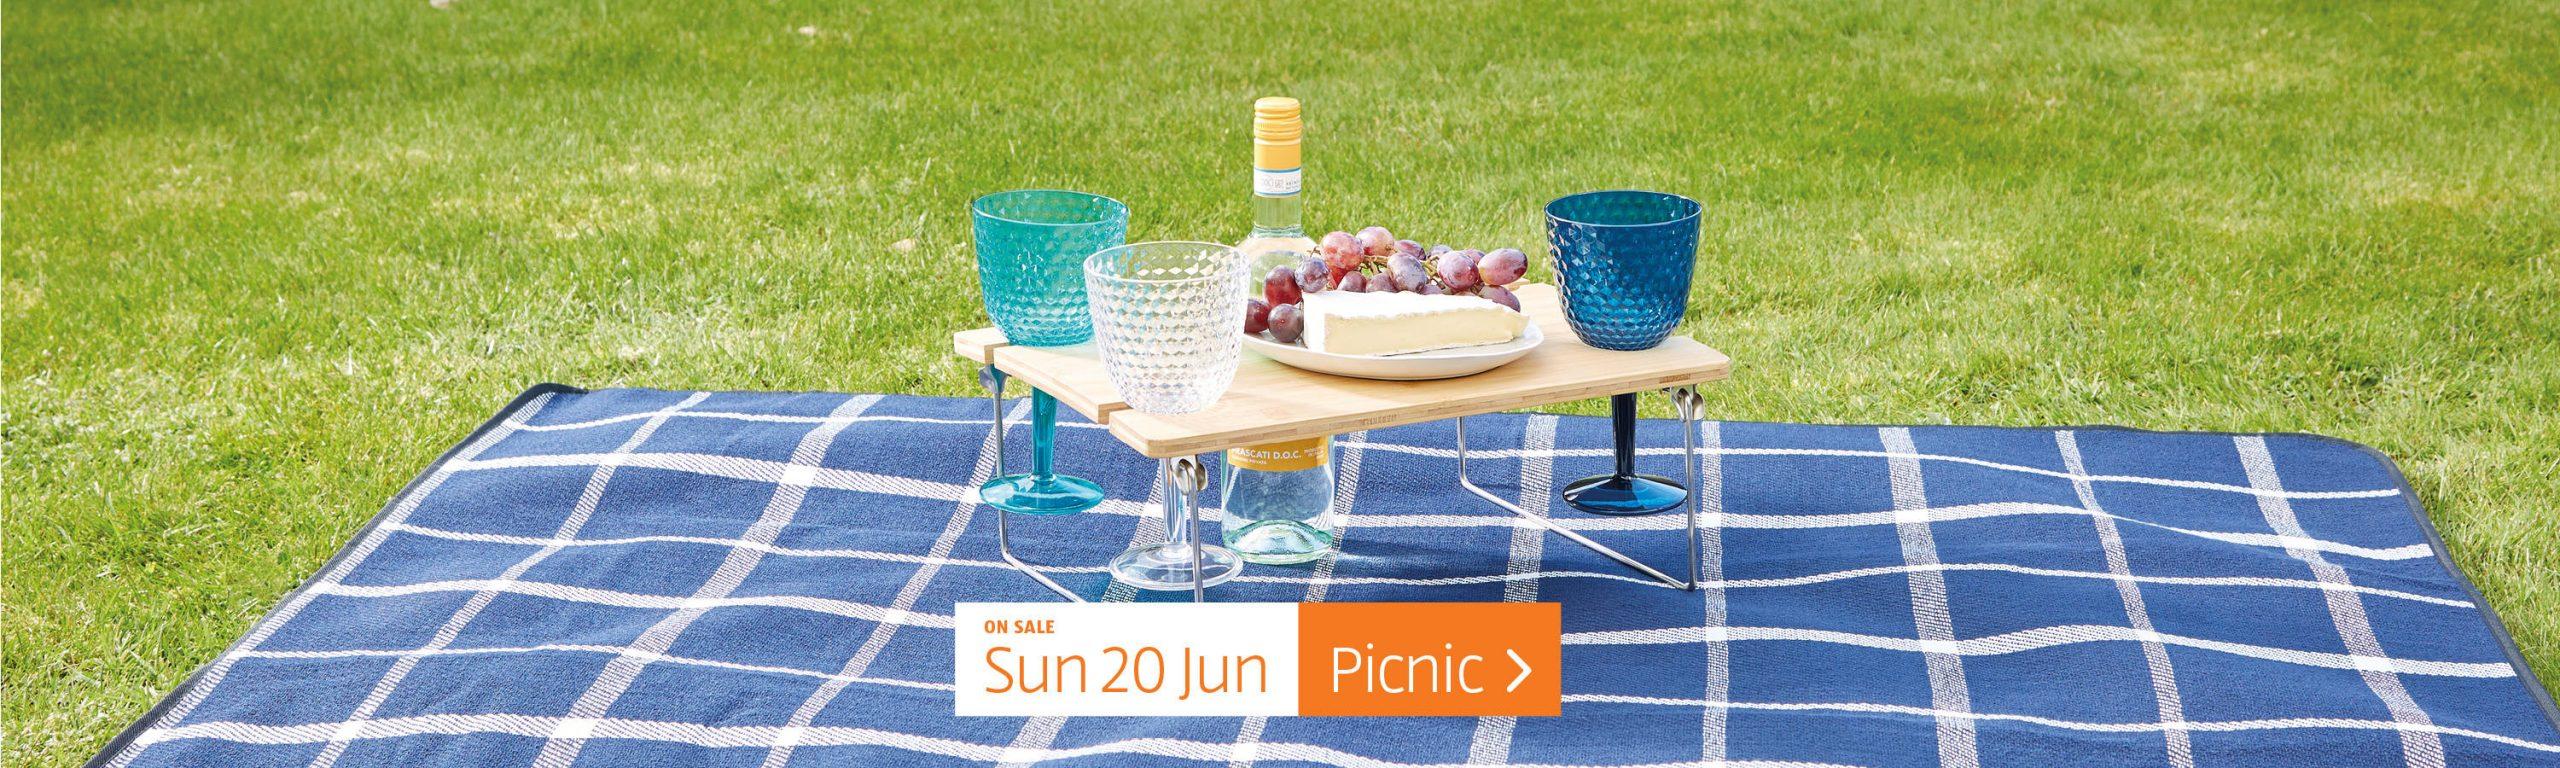 ALDI Sunday Offers 20th June 2021 ALDI Picnic